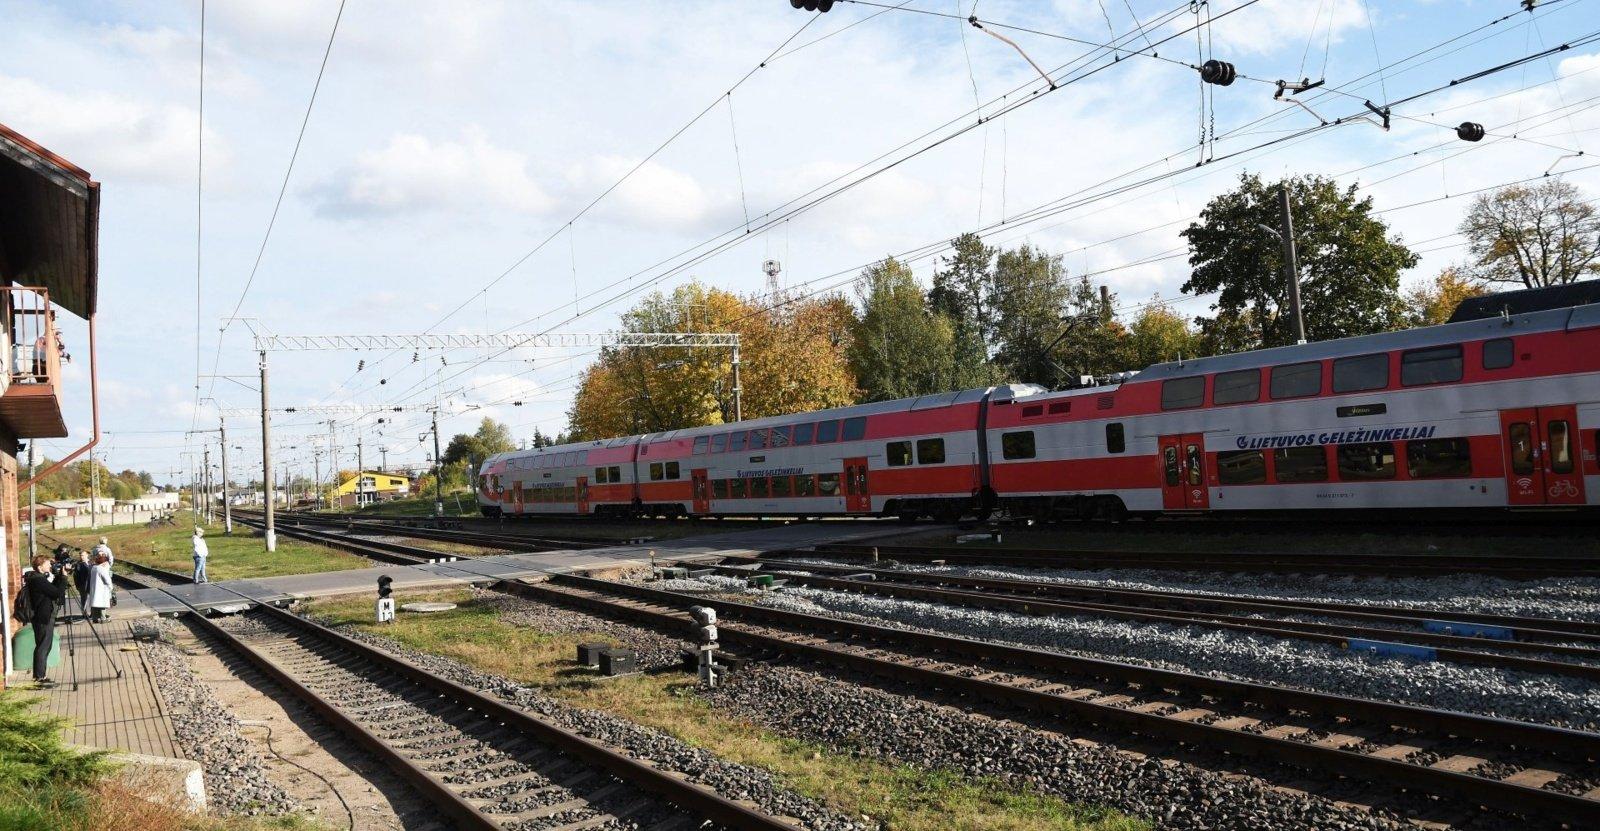 Prasidėjus Lentvario geležinkelio pervažos-tunelio statybos darbams, taikomi eismo ribojimai